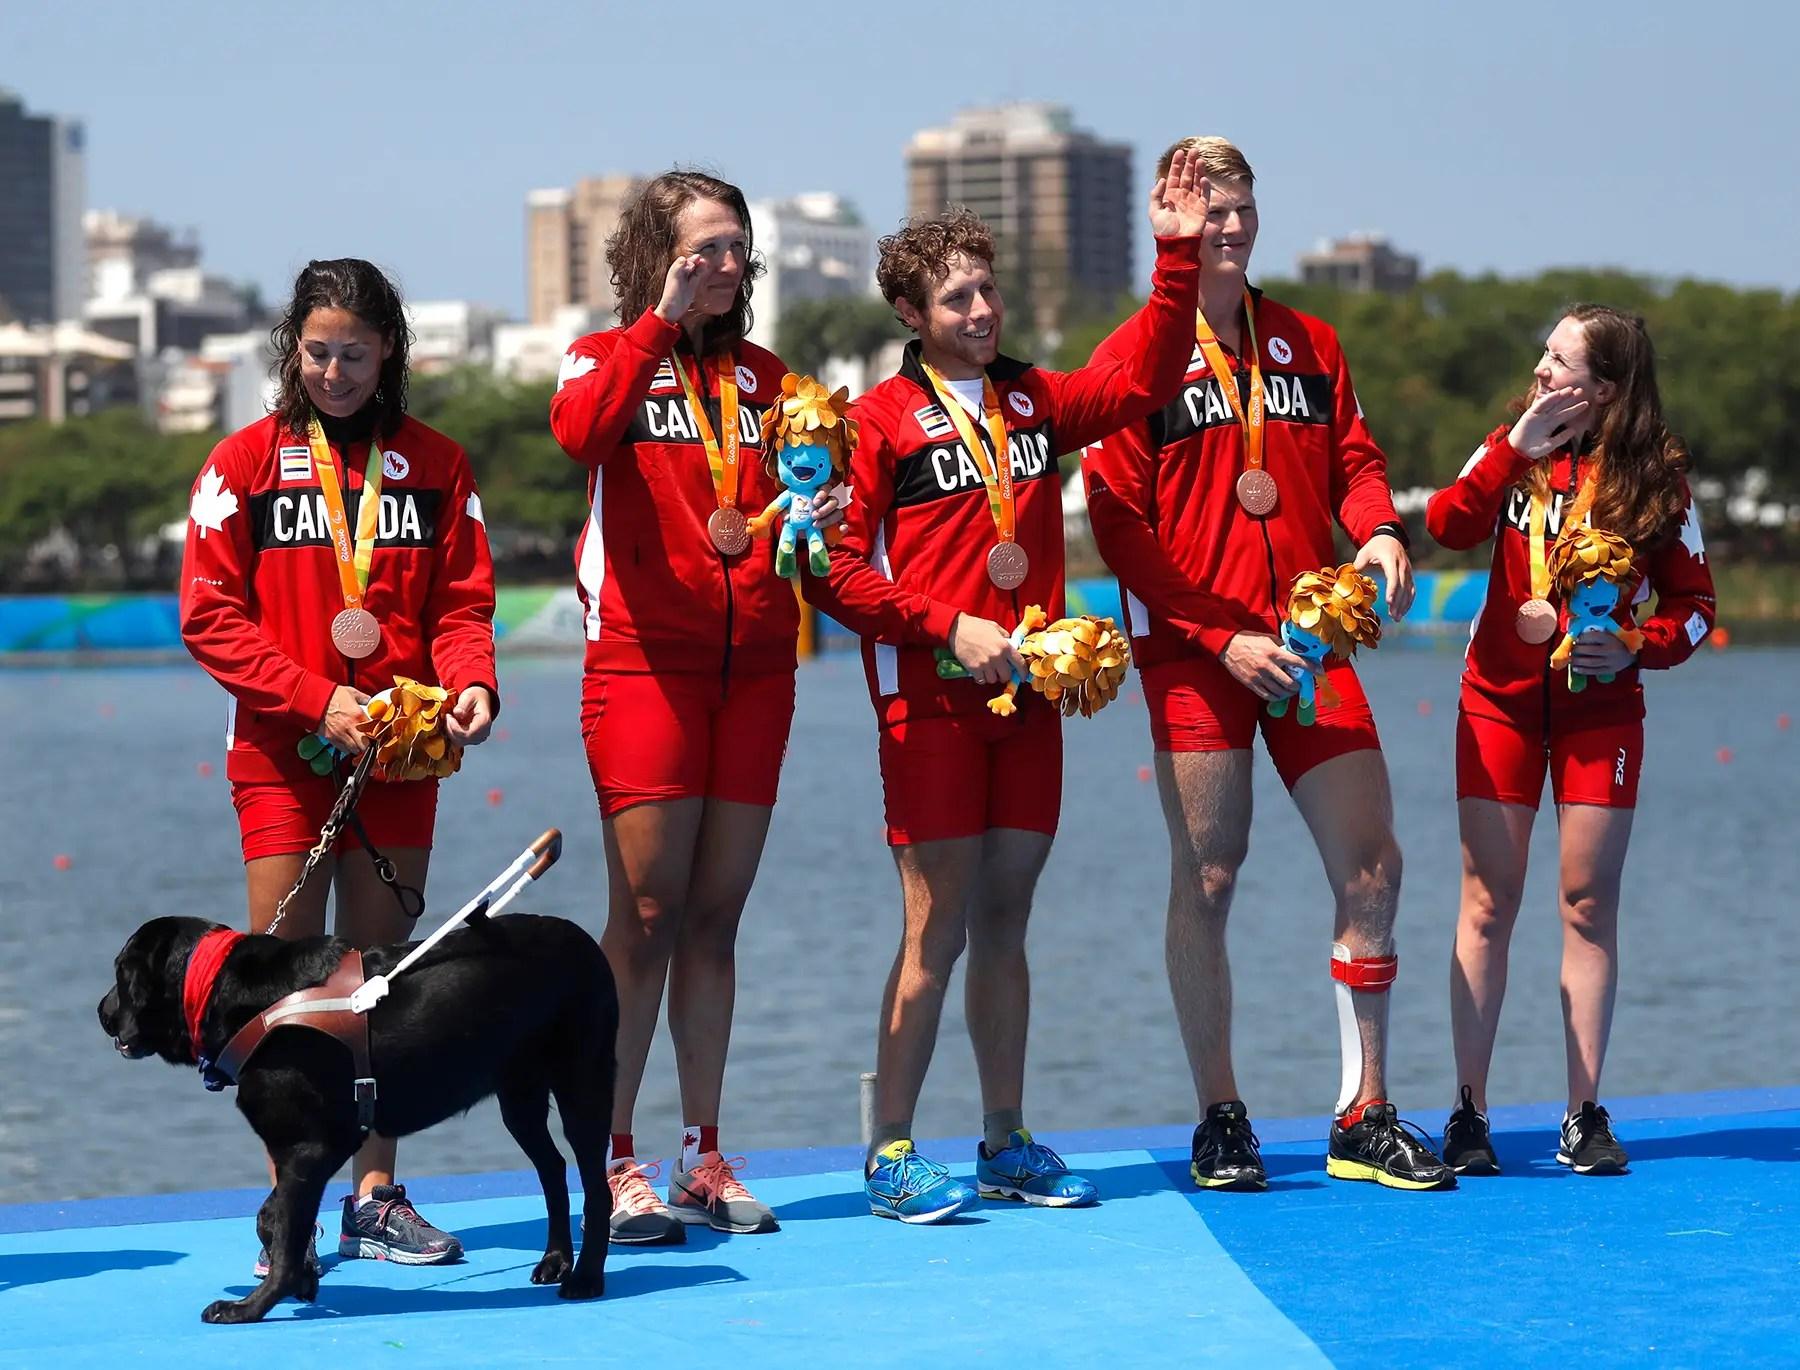 Los miembros del equipo de Canadá posan con sus medallas de bronce en remo.